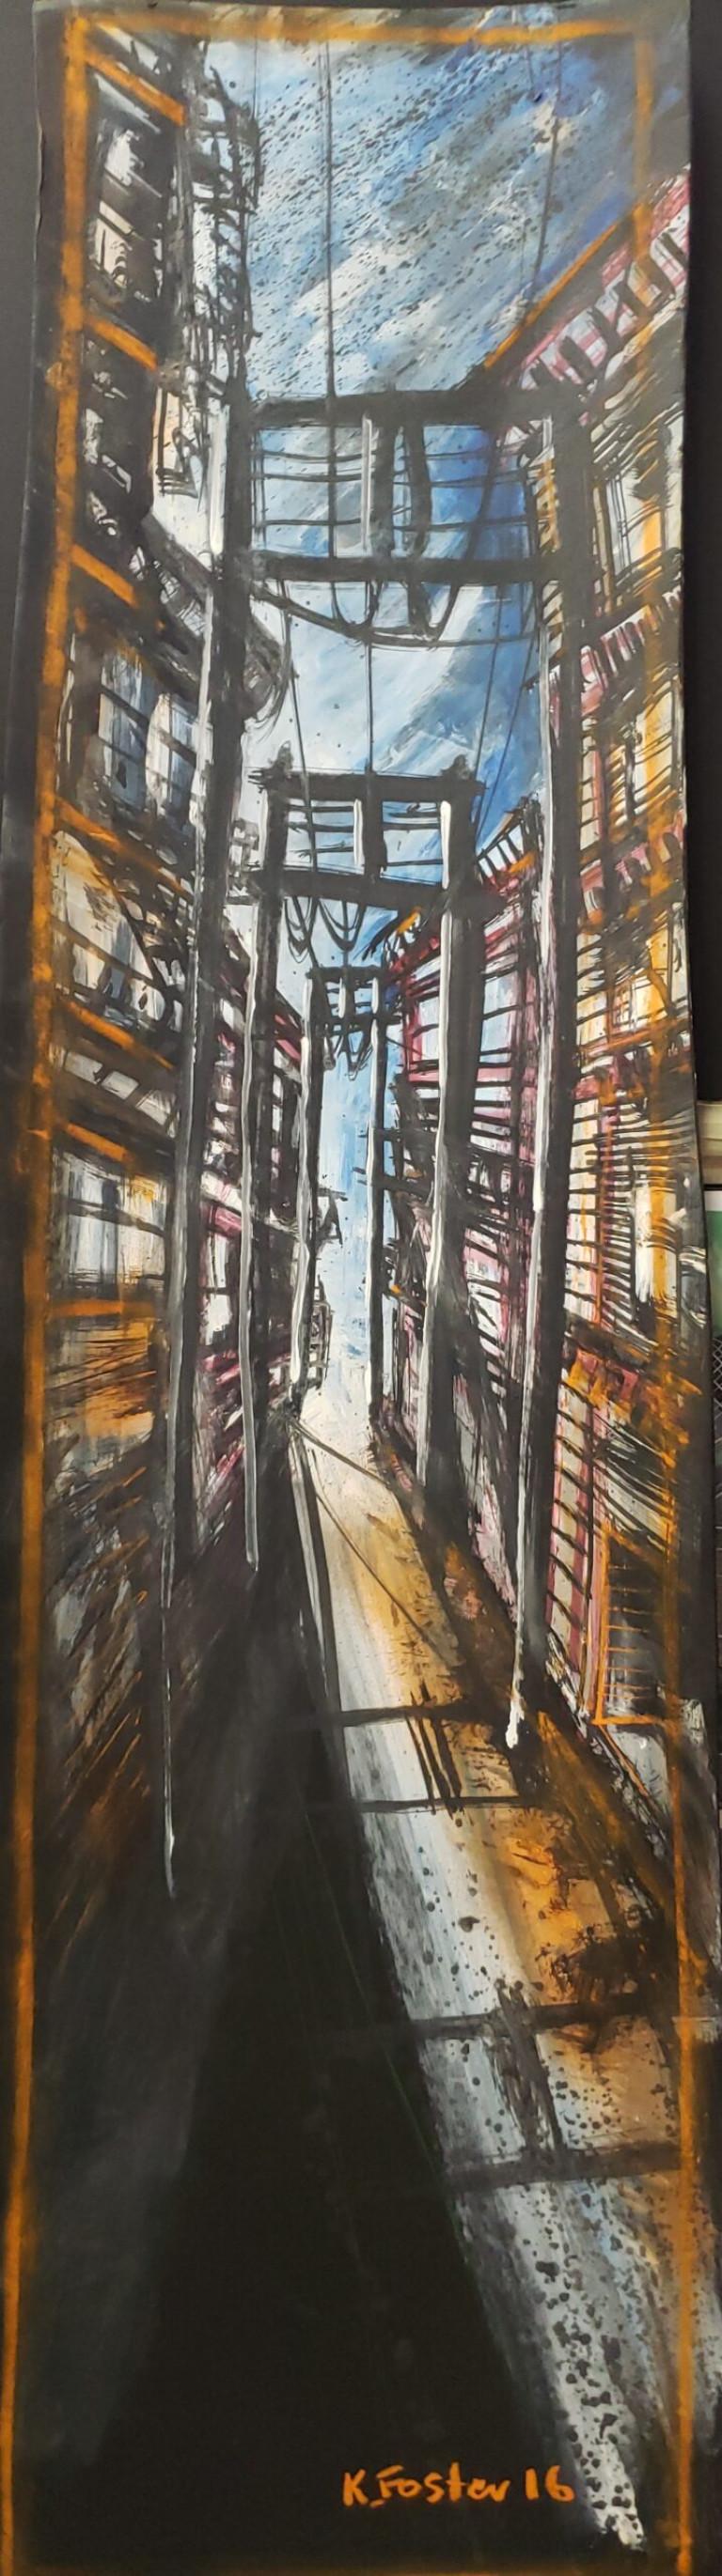 daytime alley